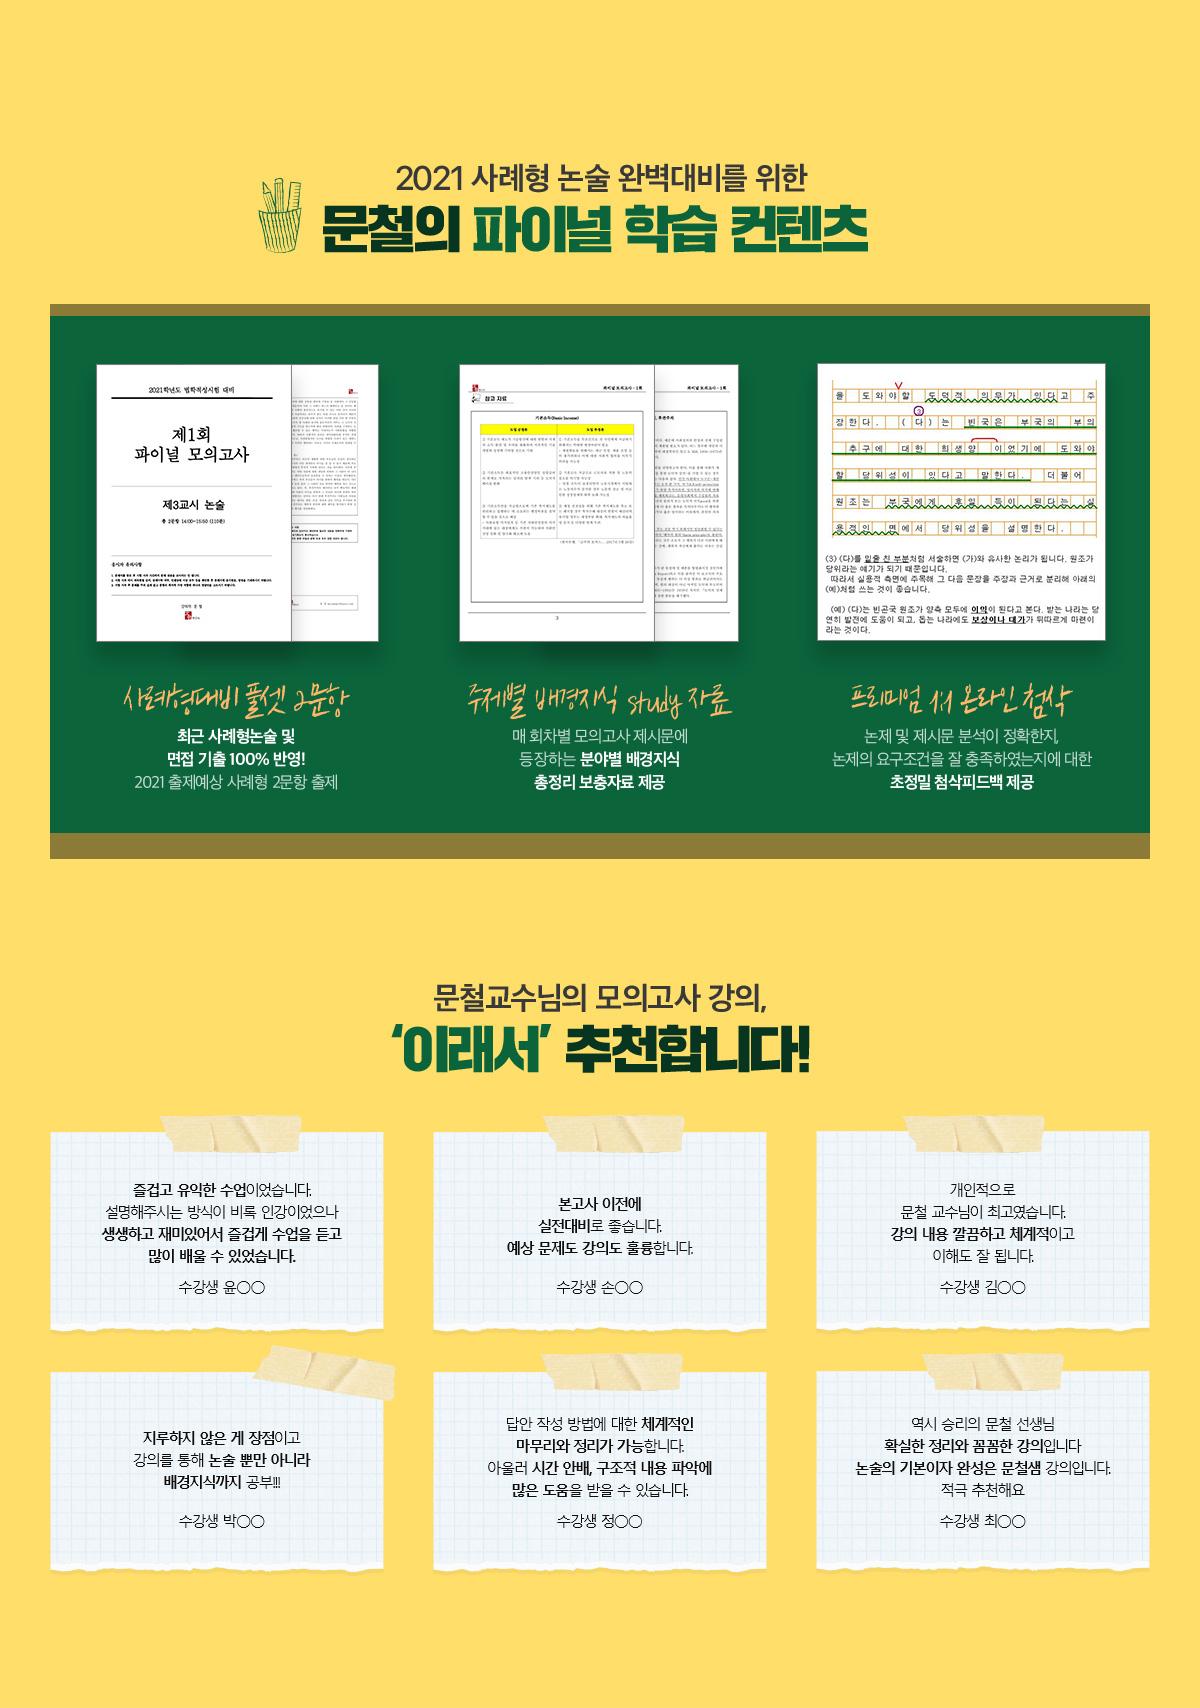 문철교수님의 모의고사 강의, '이래서' 추천합니다!